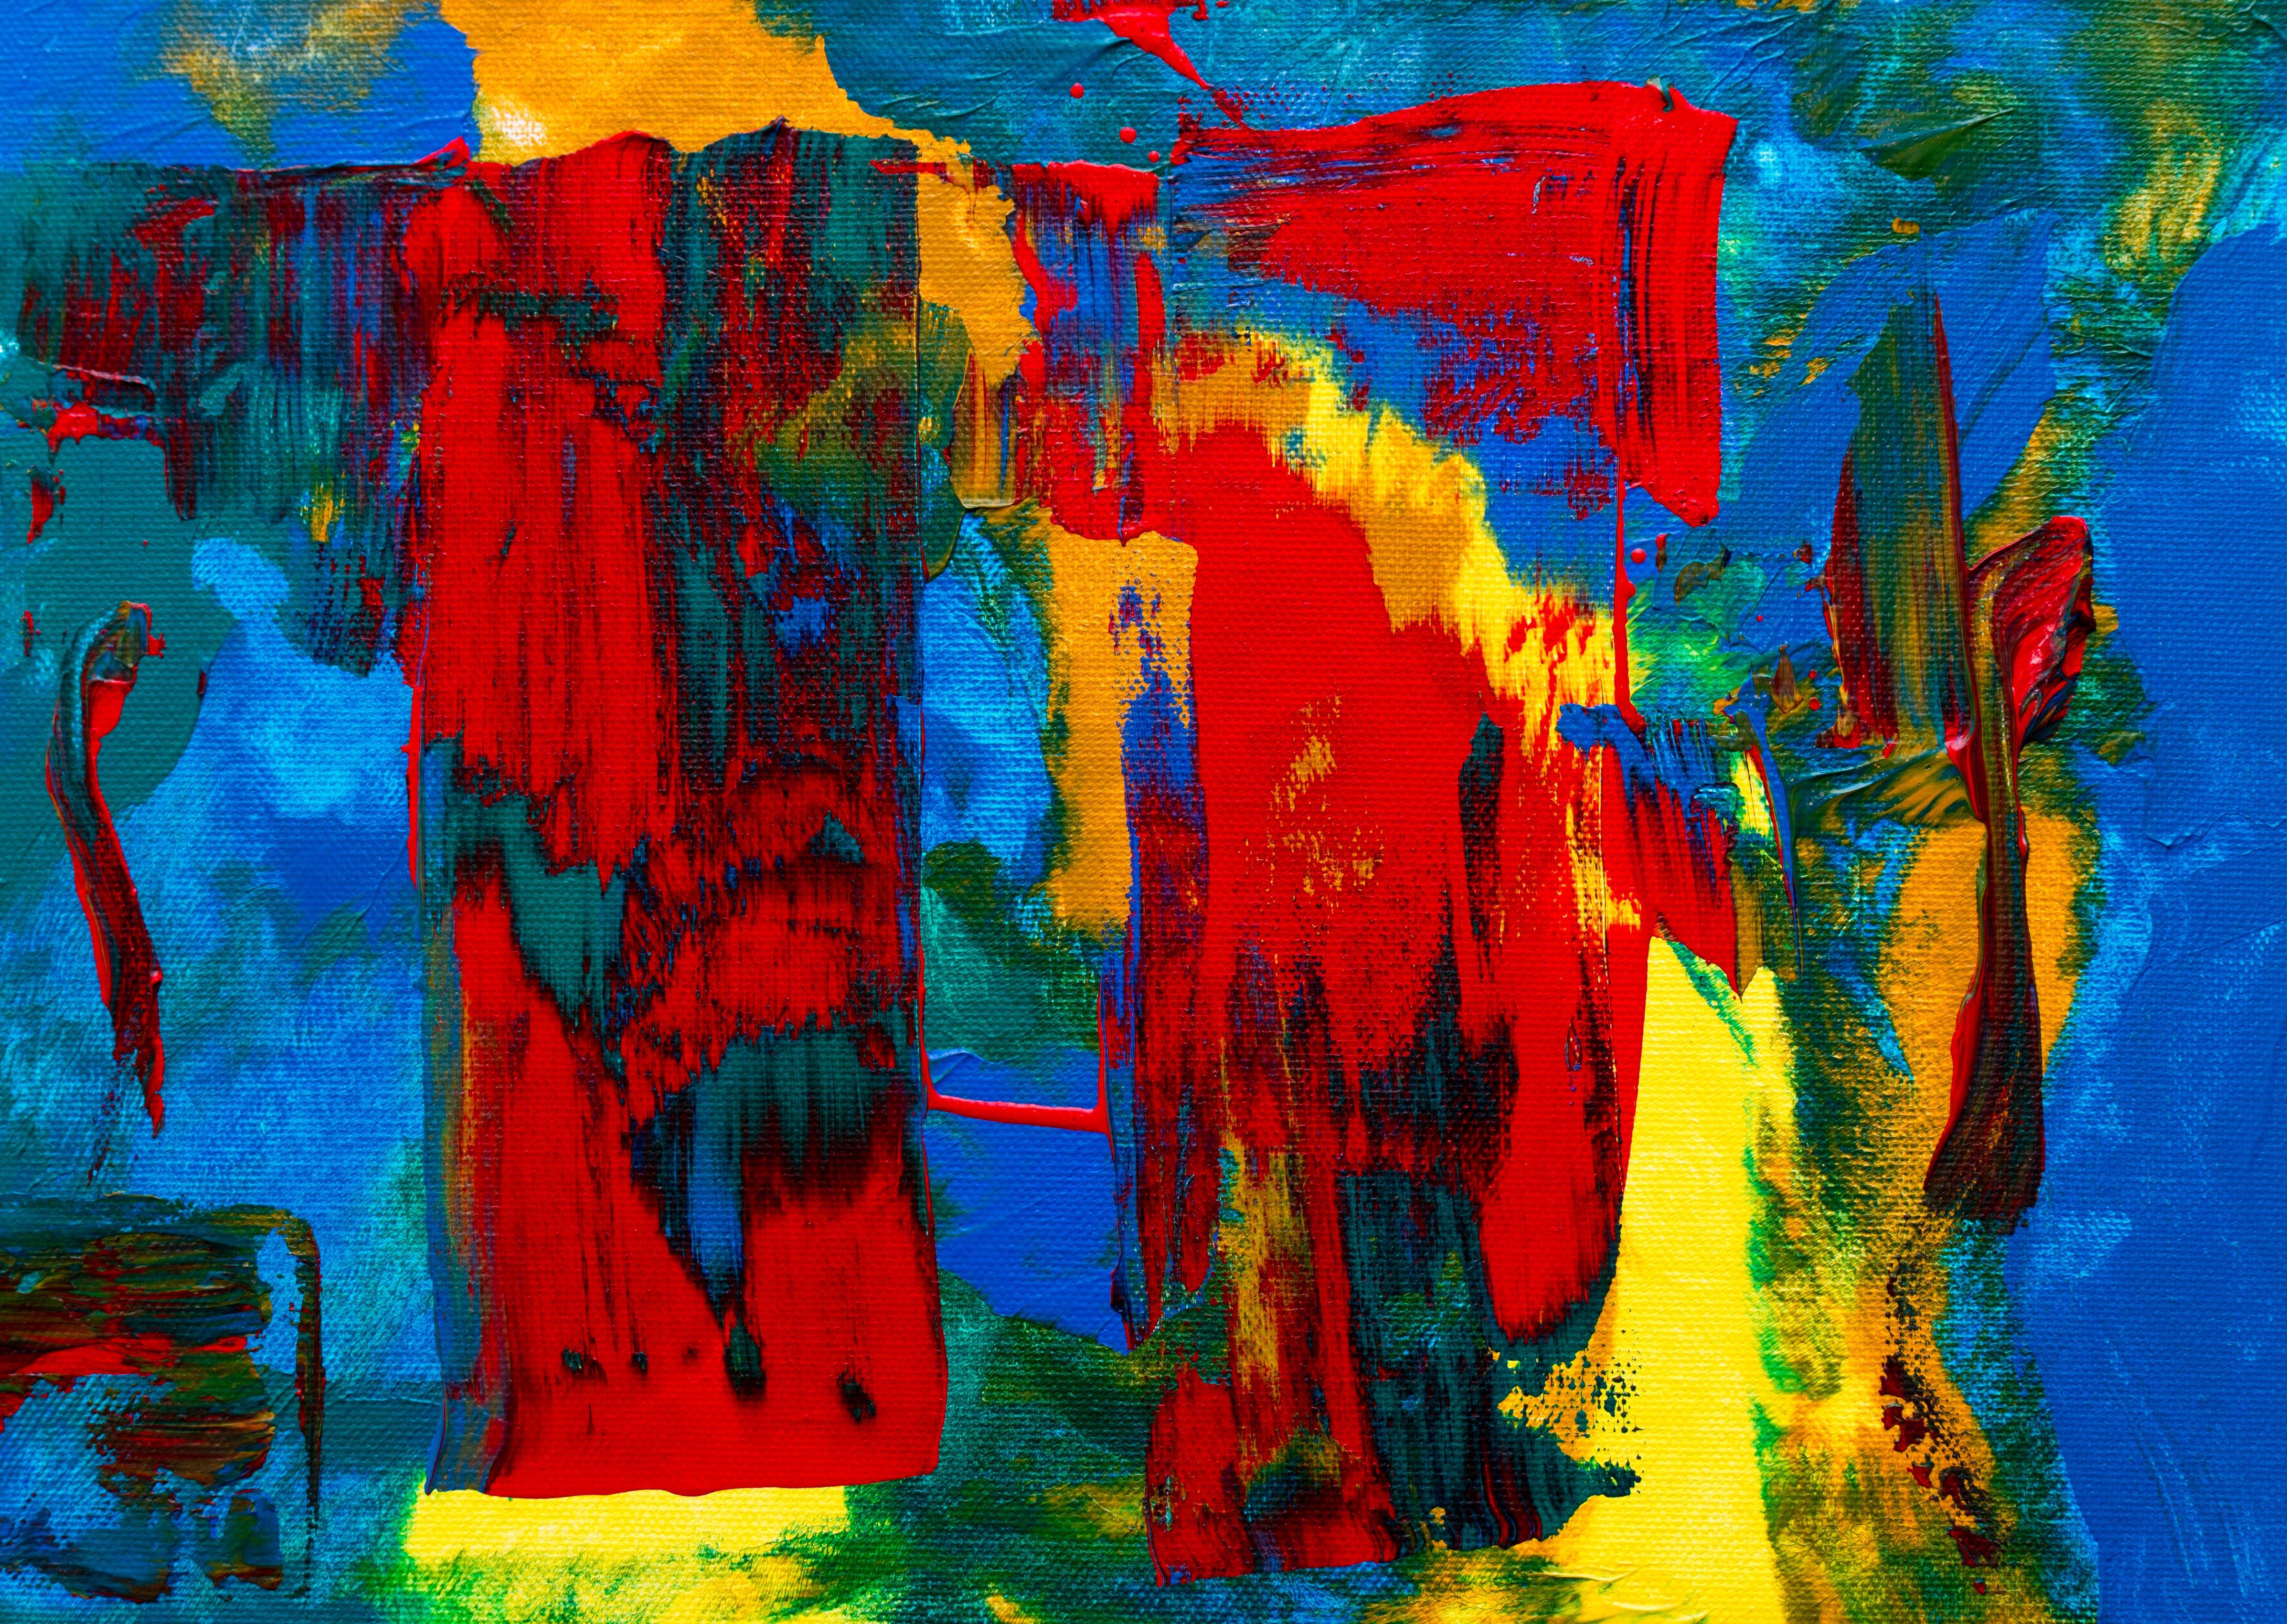 Бесплатное стоковое фото с HD-обои, Абстрактная живопись, Абстрактный экспрессионизм, акварель